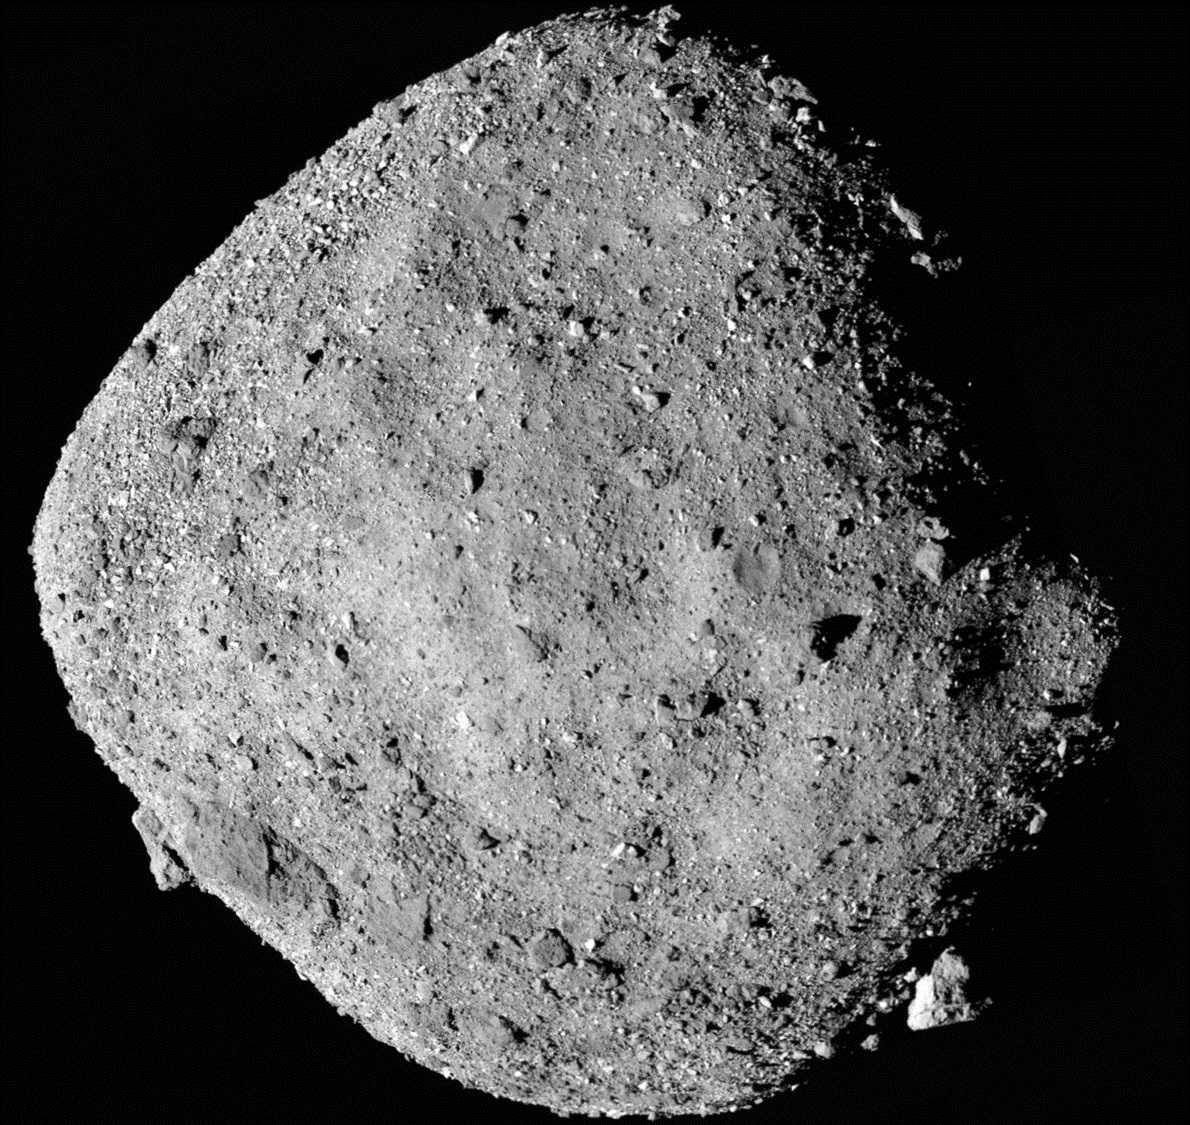 Asteroide Bennu observado por la nave OSIRIS-REx de NASA. Crédito: NASA/GSFC/University of Arizona.